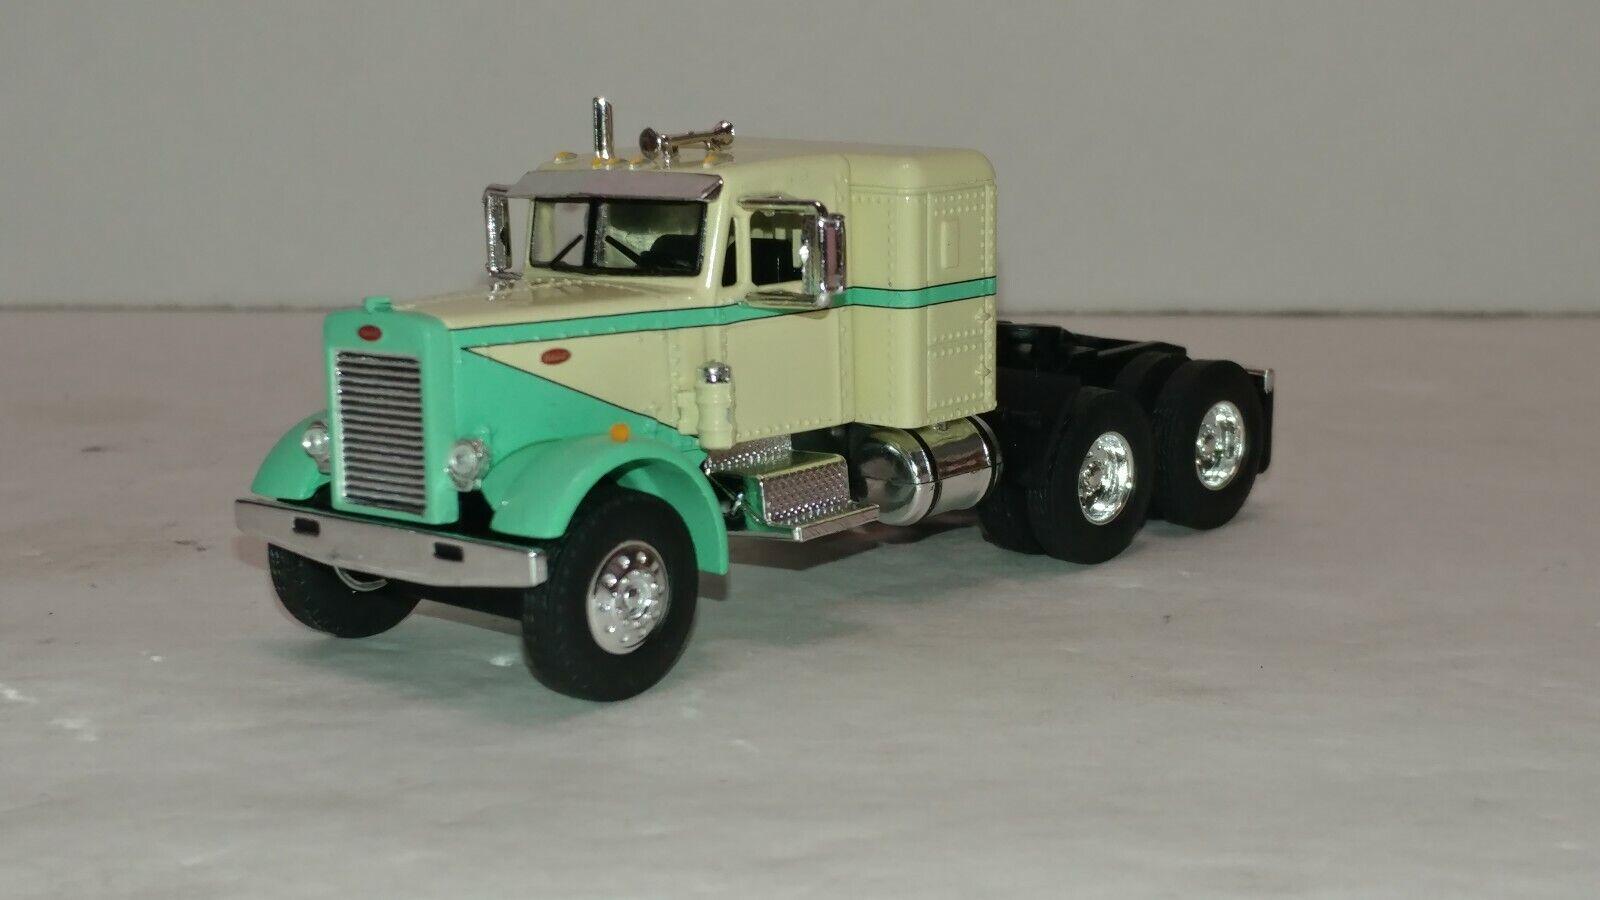 gran descuento DCP First Gear Gear Gear verde tan Peterbilt 351 con tractor Sleeper Nuevo Sin Caja  hasta un 65% de descuento